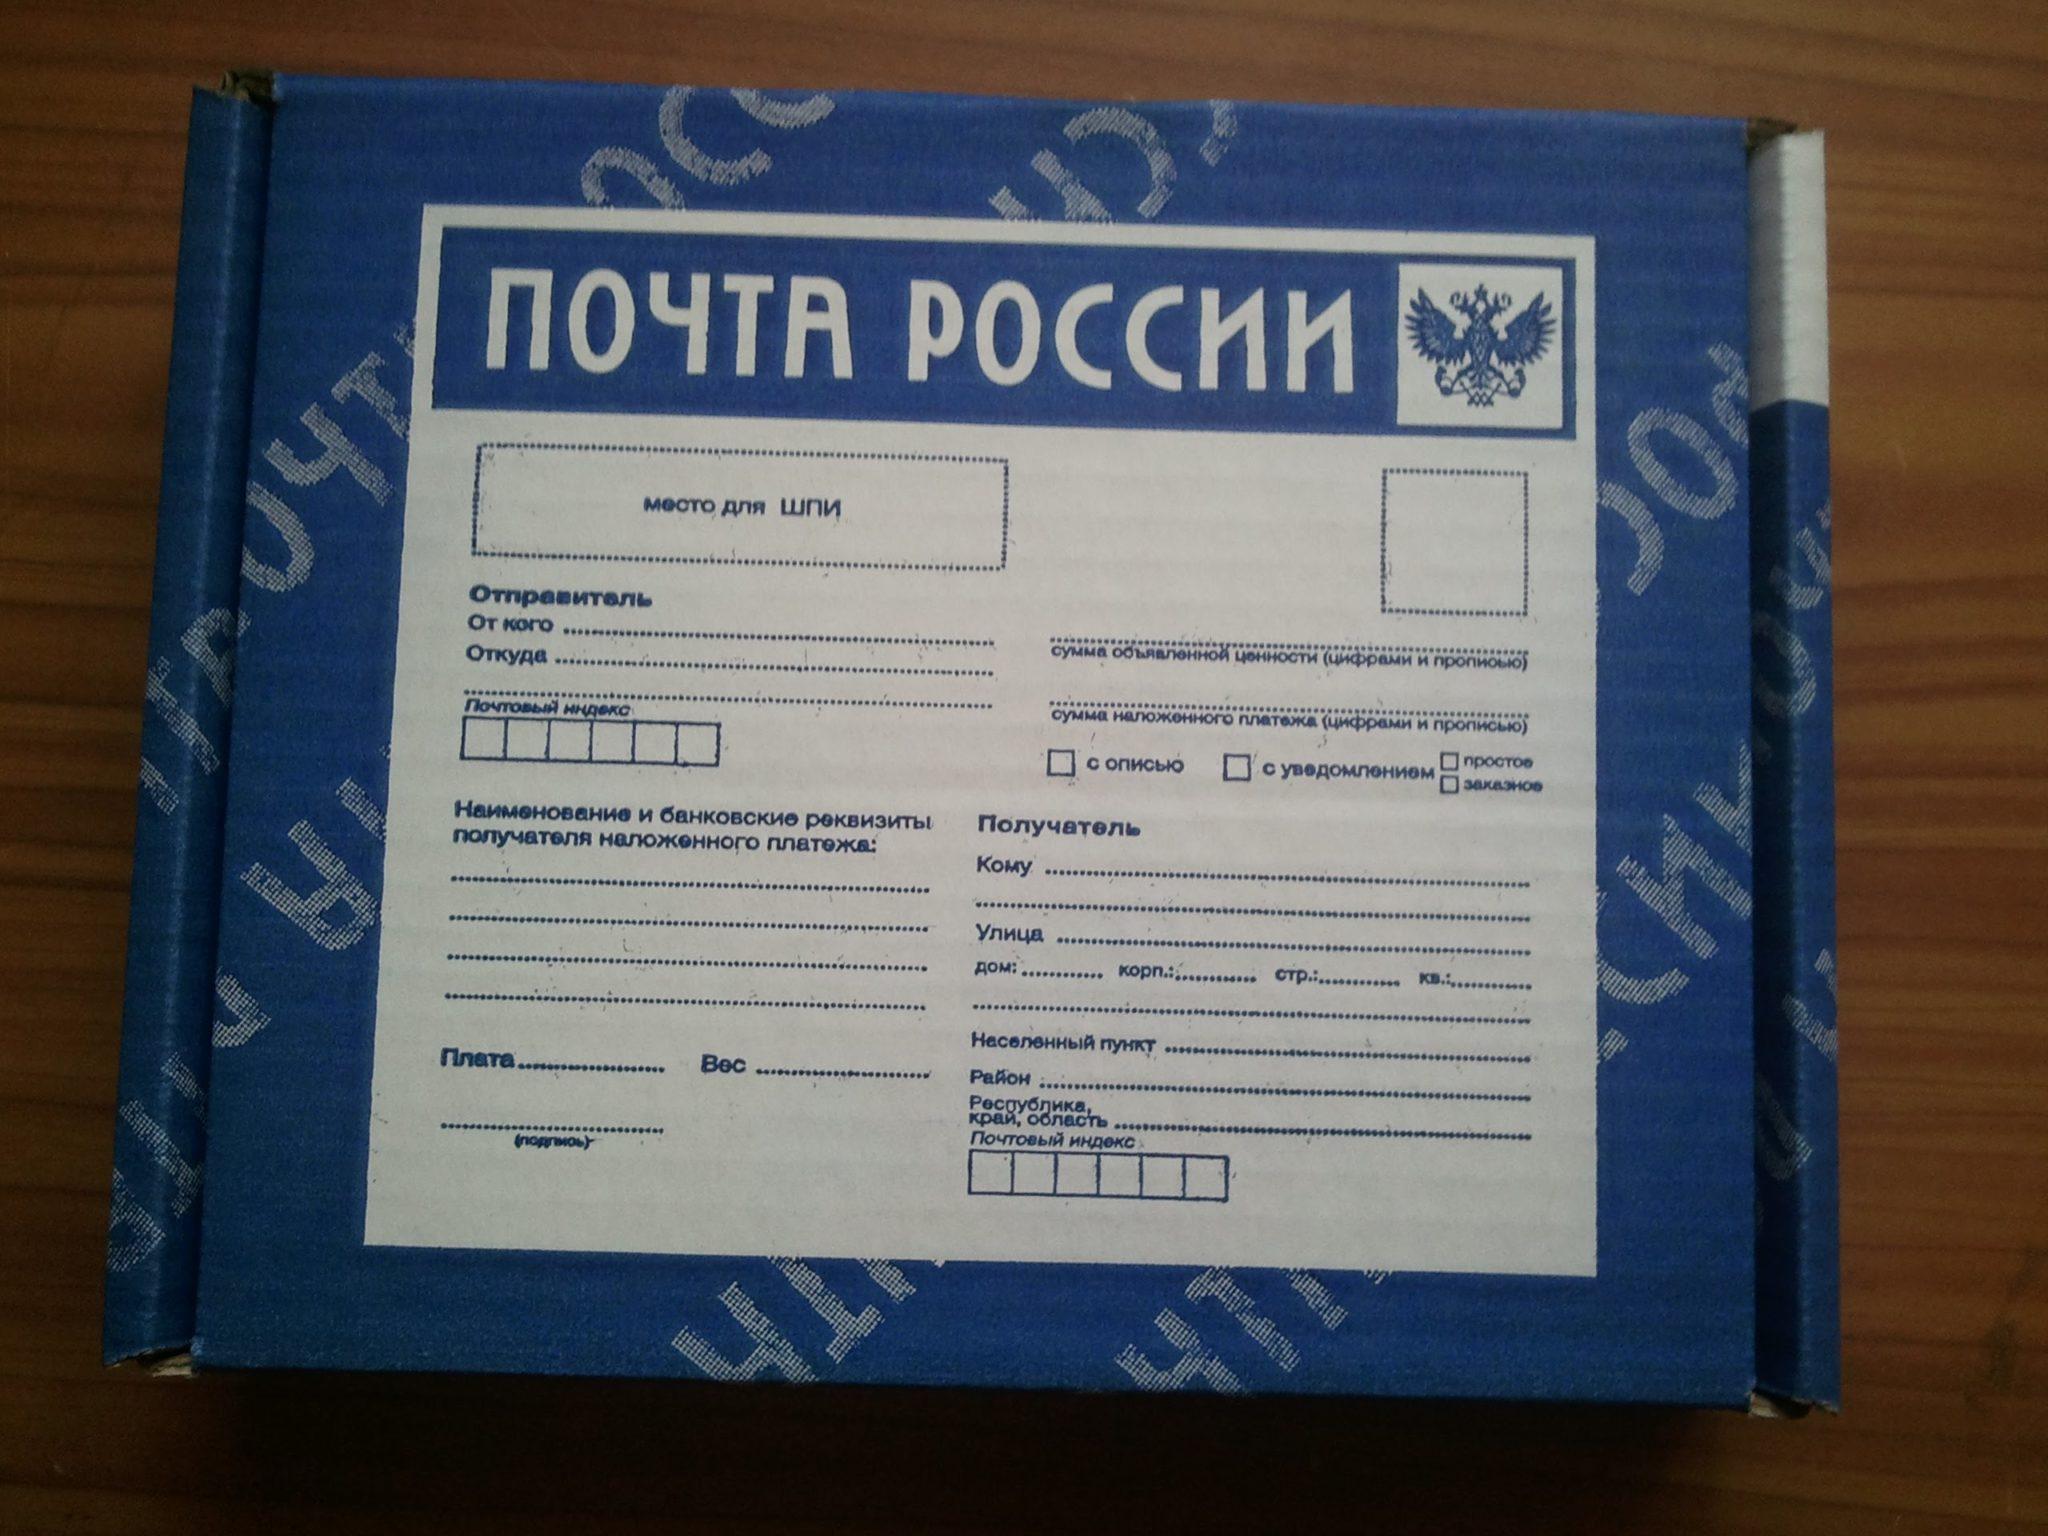 Посылка не доставлена адресату - что делать